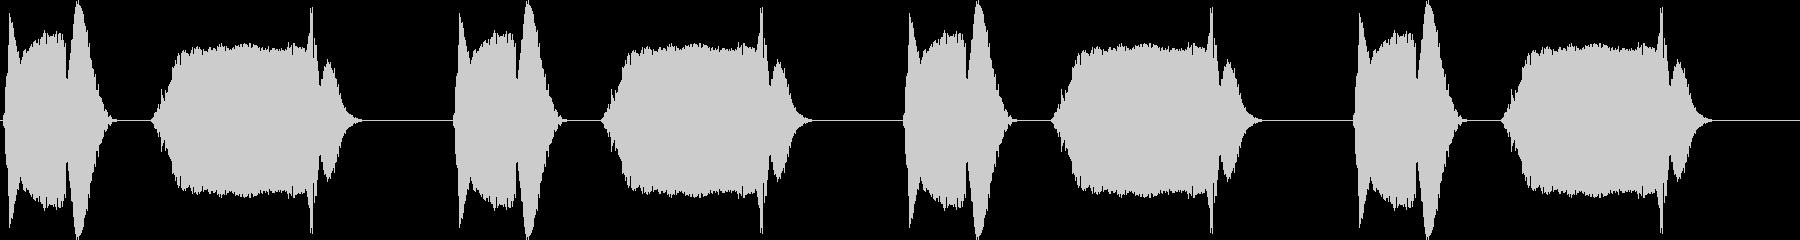 ブッブーブッブーブッブー(バイブ音)の未再生の波形